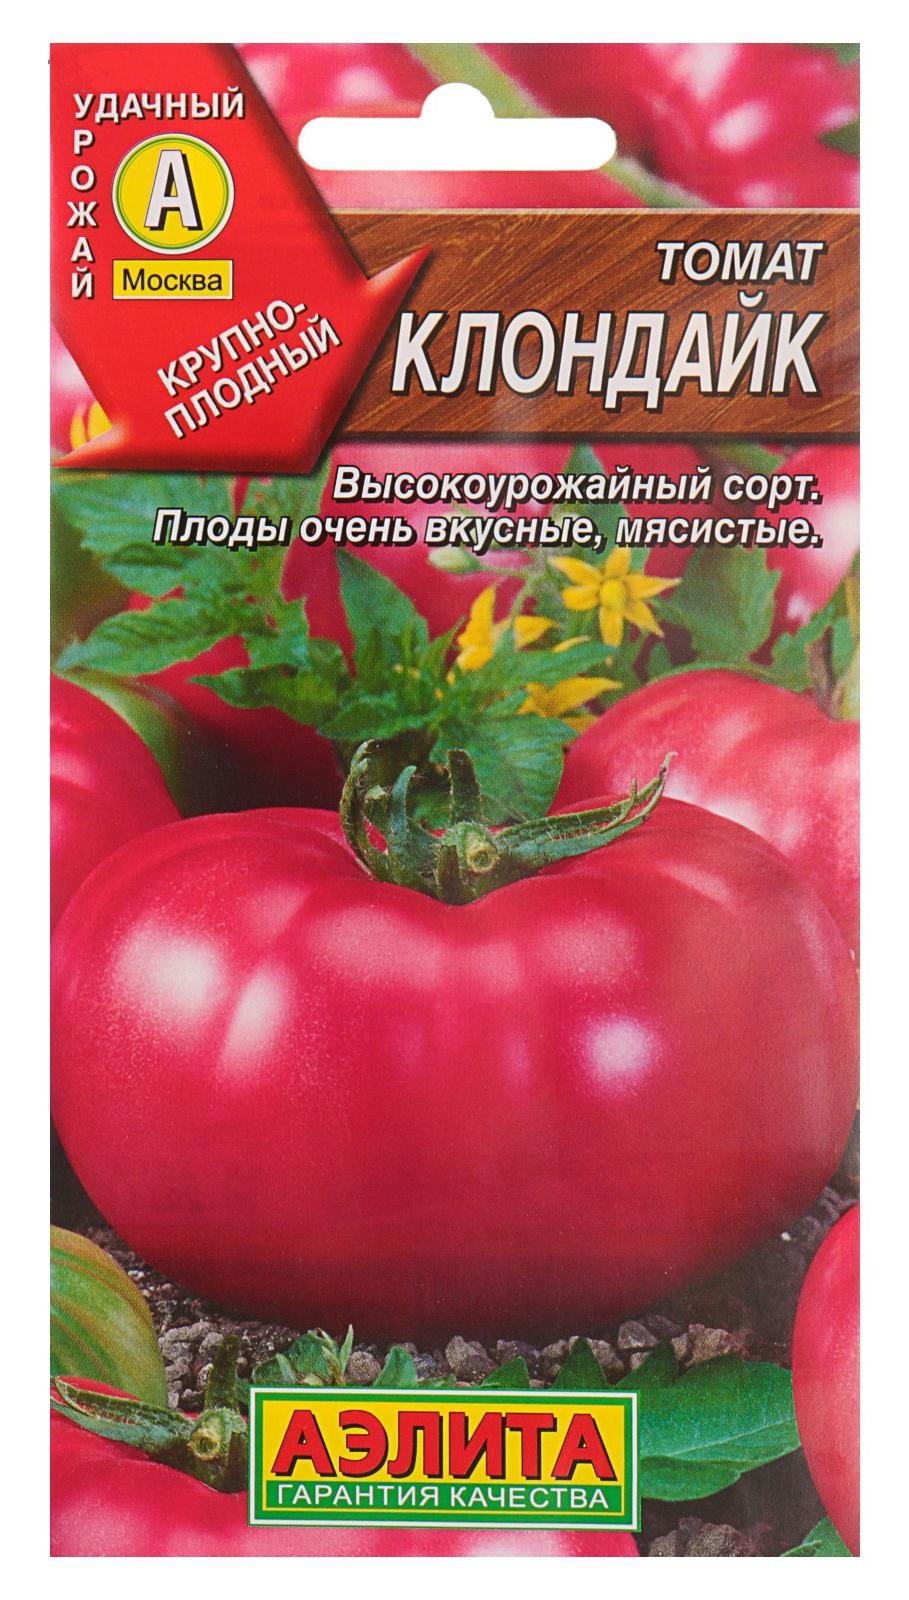 """Томат клондайк - описание сорта, урожайность, фото и отзывы садоводов - журнал """"совхозик"""""""